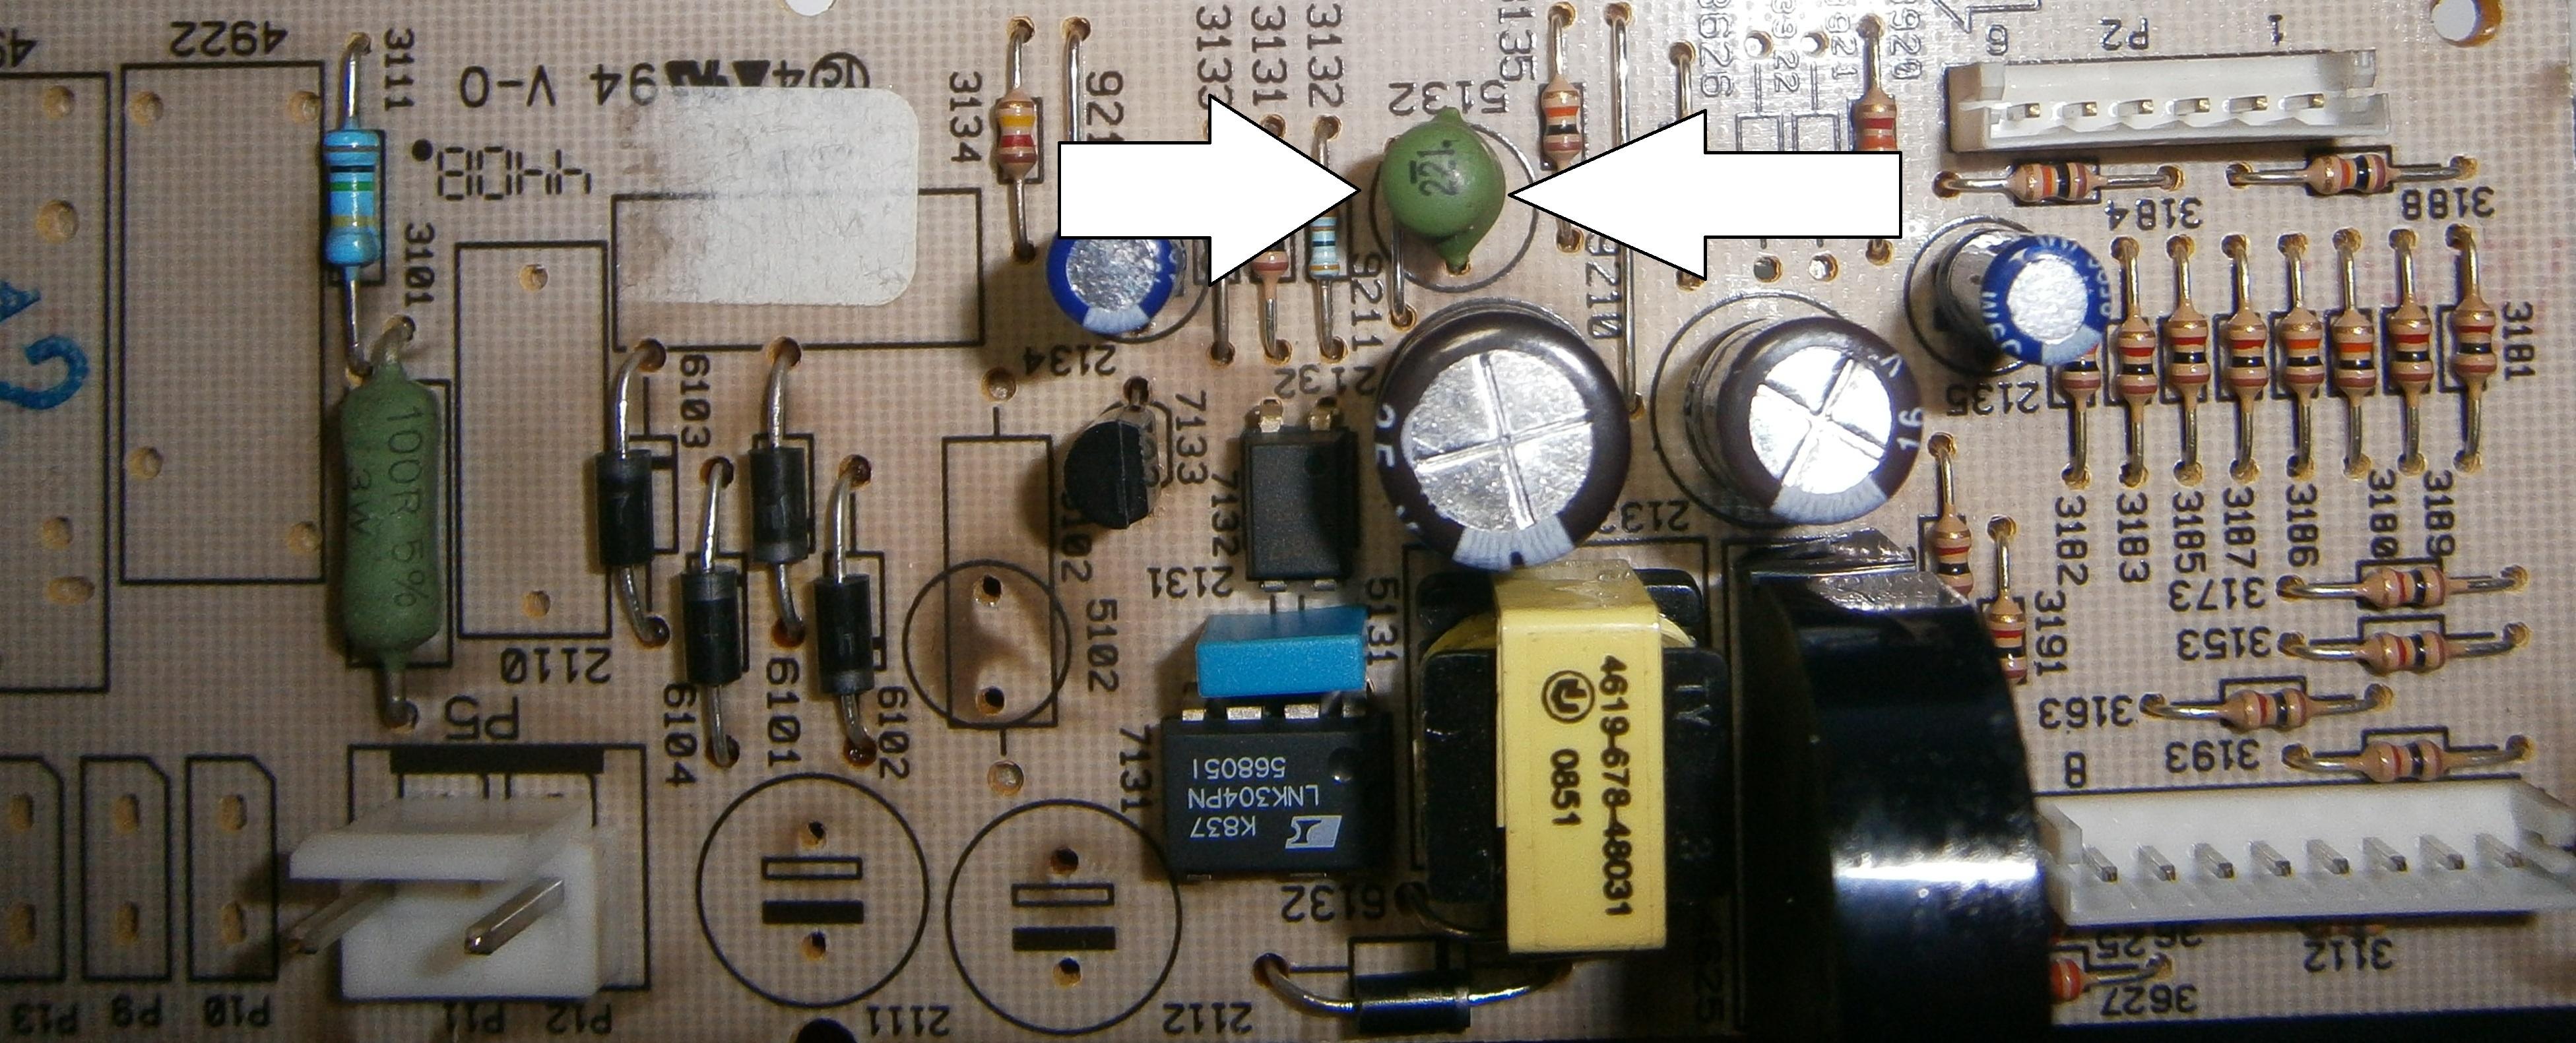 Whirlpool FXVM6 - Dzia�a wy��cznie zegar i lampa. B��d ---C